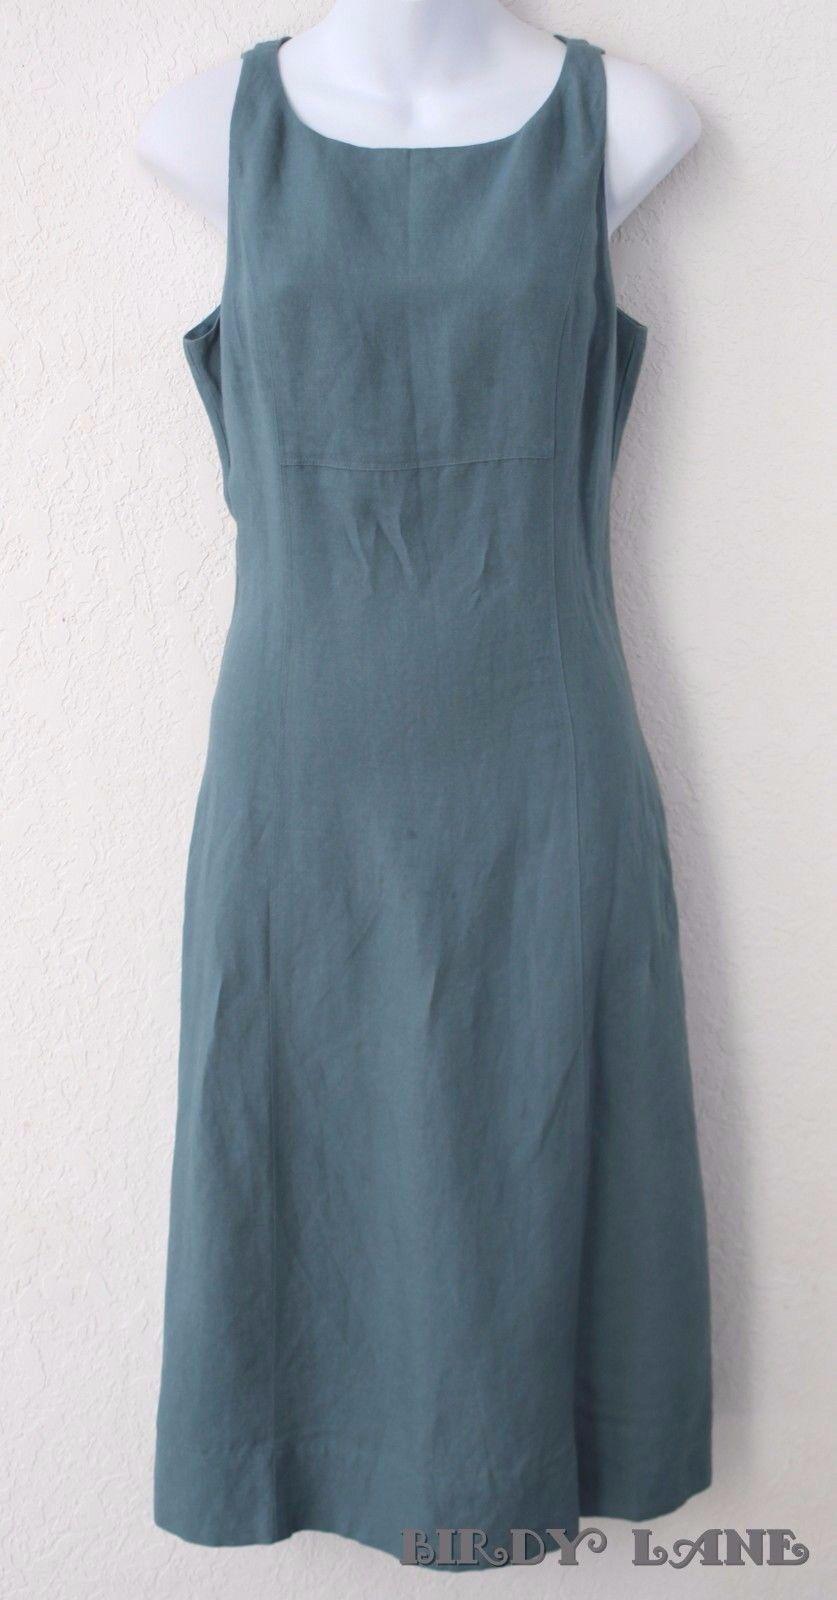 NYC Sleeveless A-Line SunDress Teal Blue Linen Rayon Blend Below Knee Womens 4